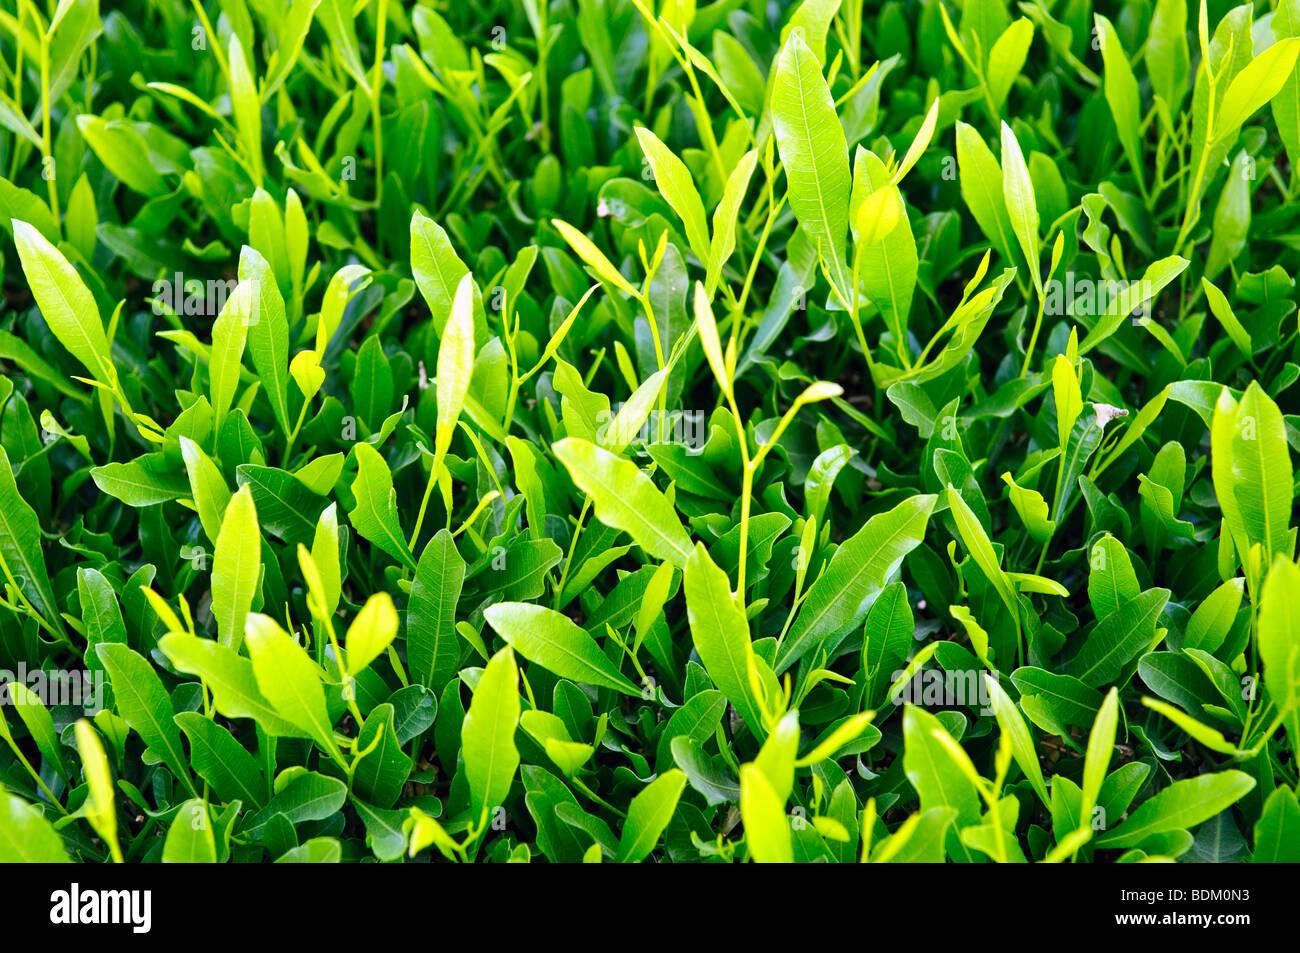 Natürliche grüne Blätter für Hintergrund Stockbild